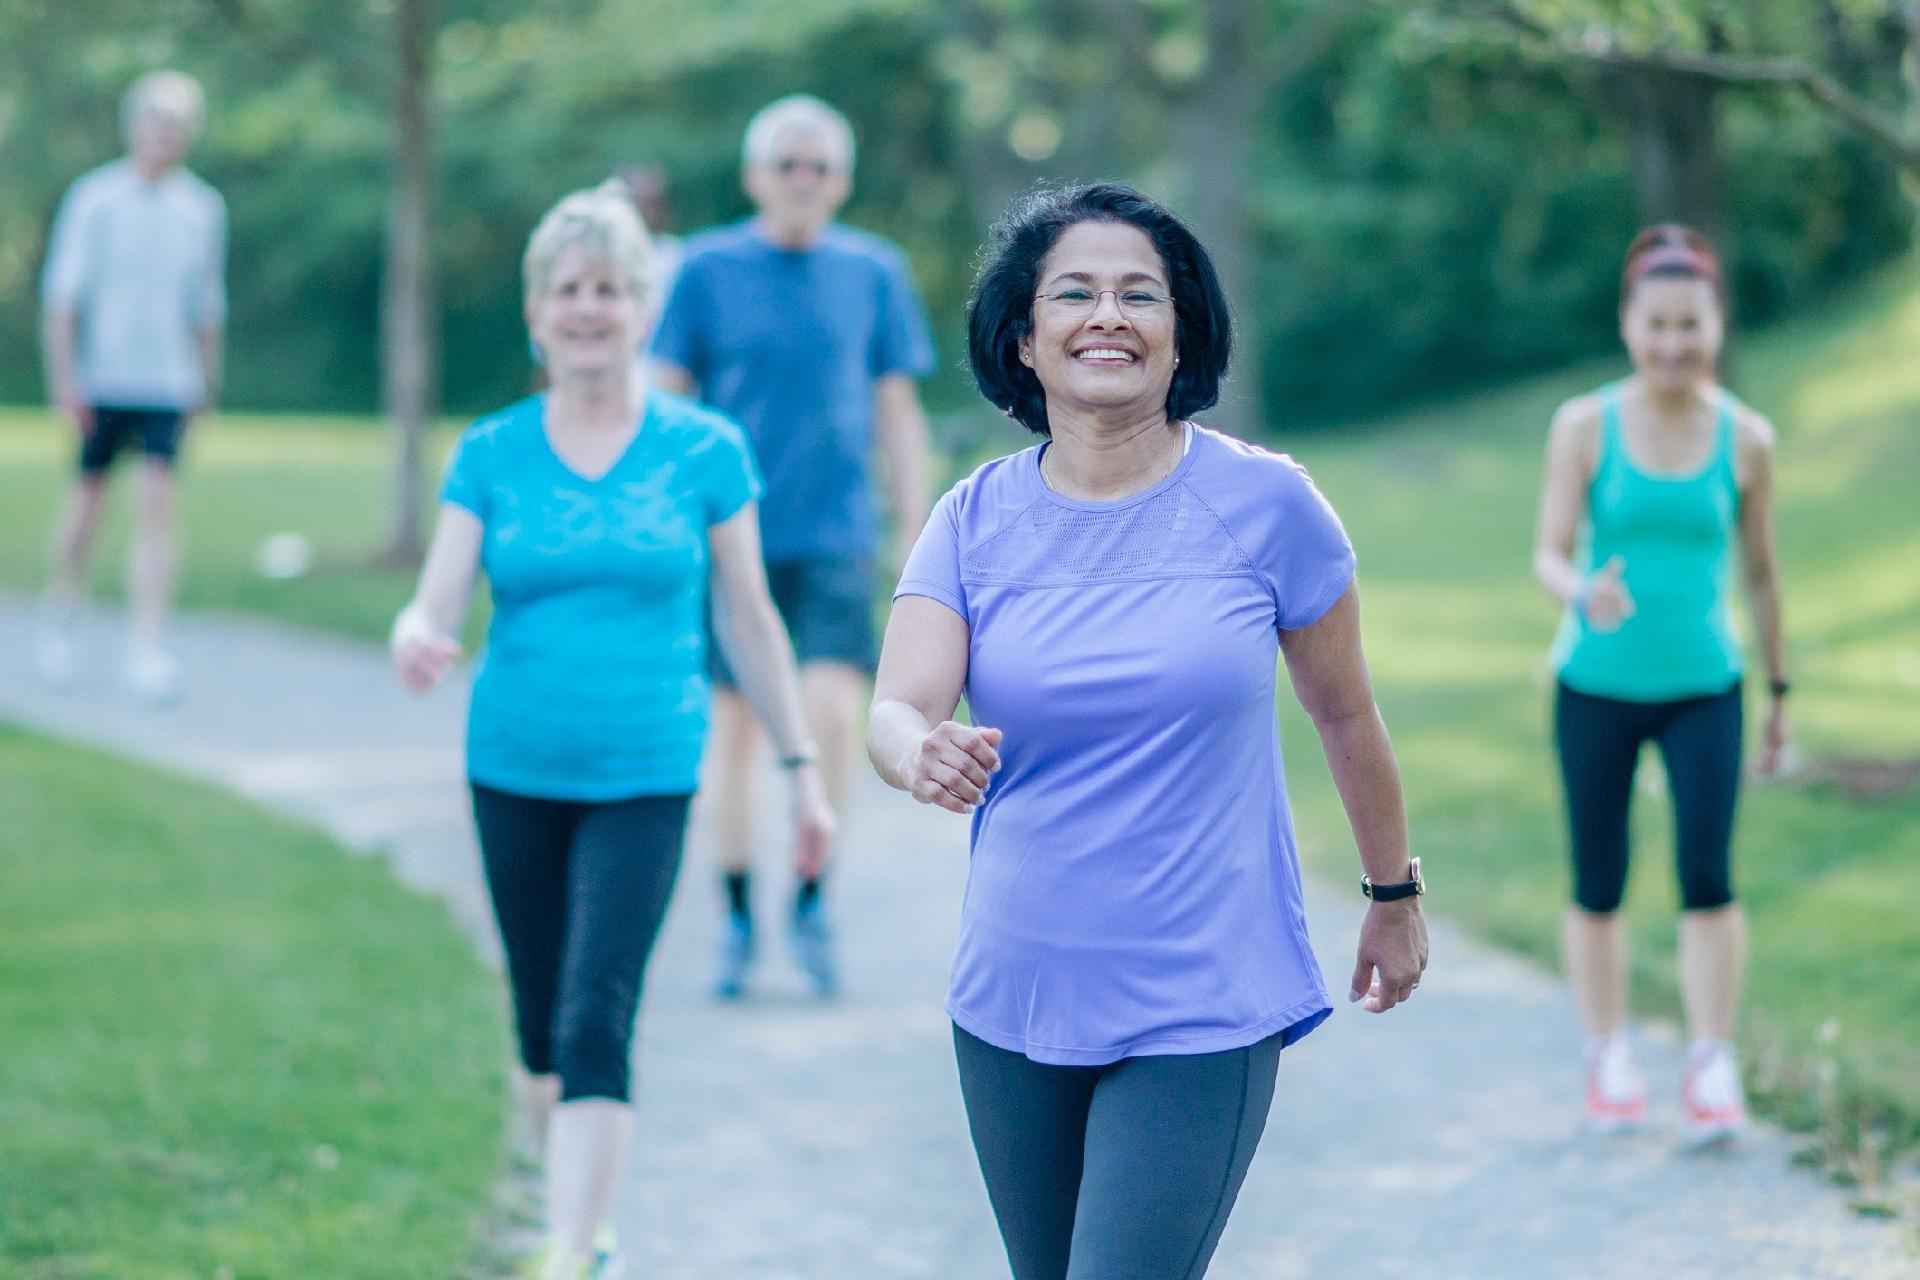 ad59c60e3e8 Uma simples caminhada de 15 minutos já reduz risco de depressão -  24 02 2019 - UOL VivaBem